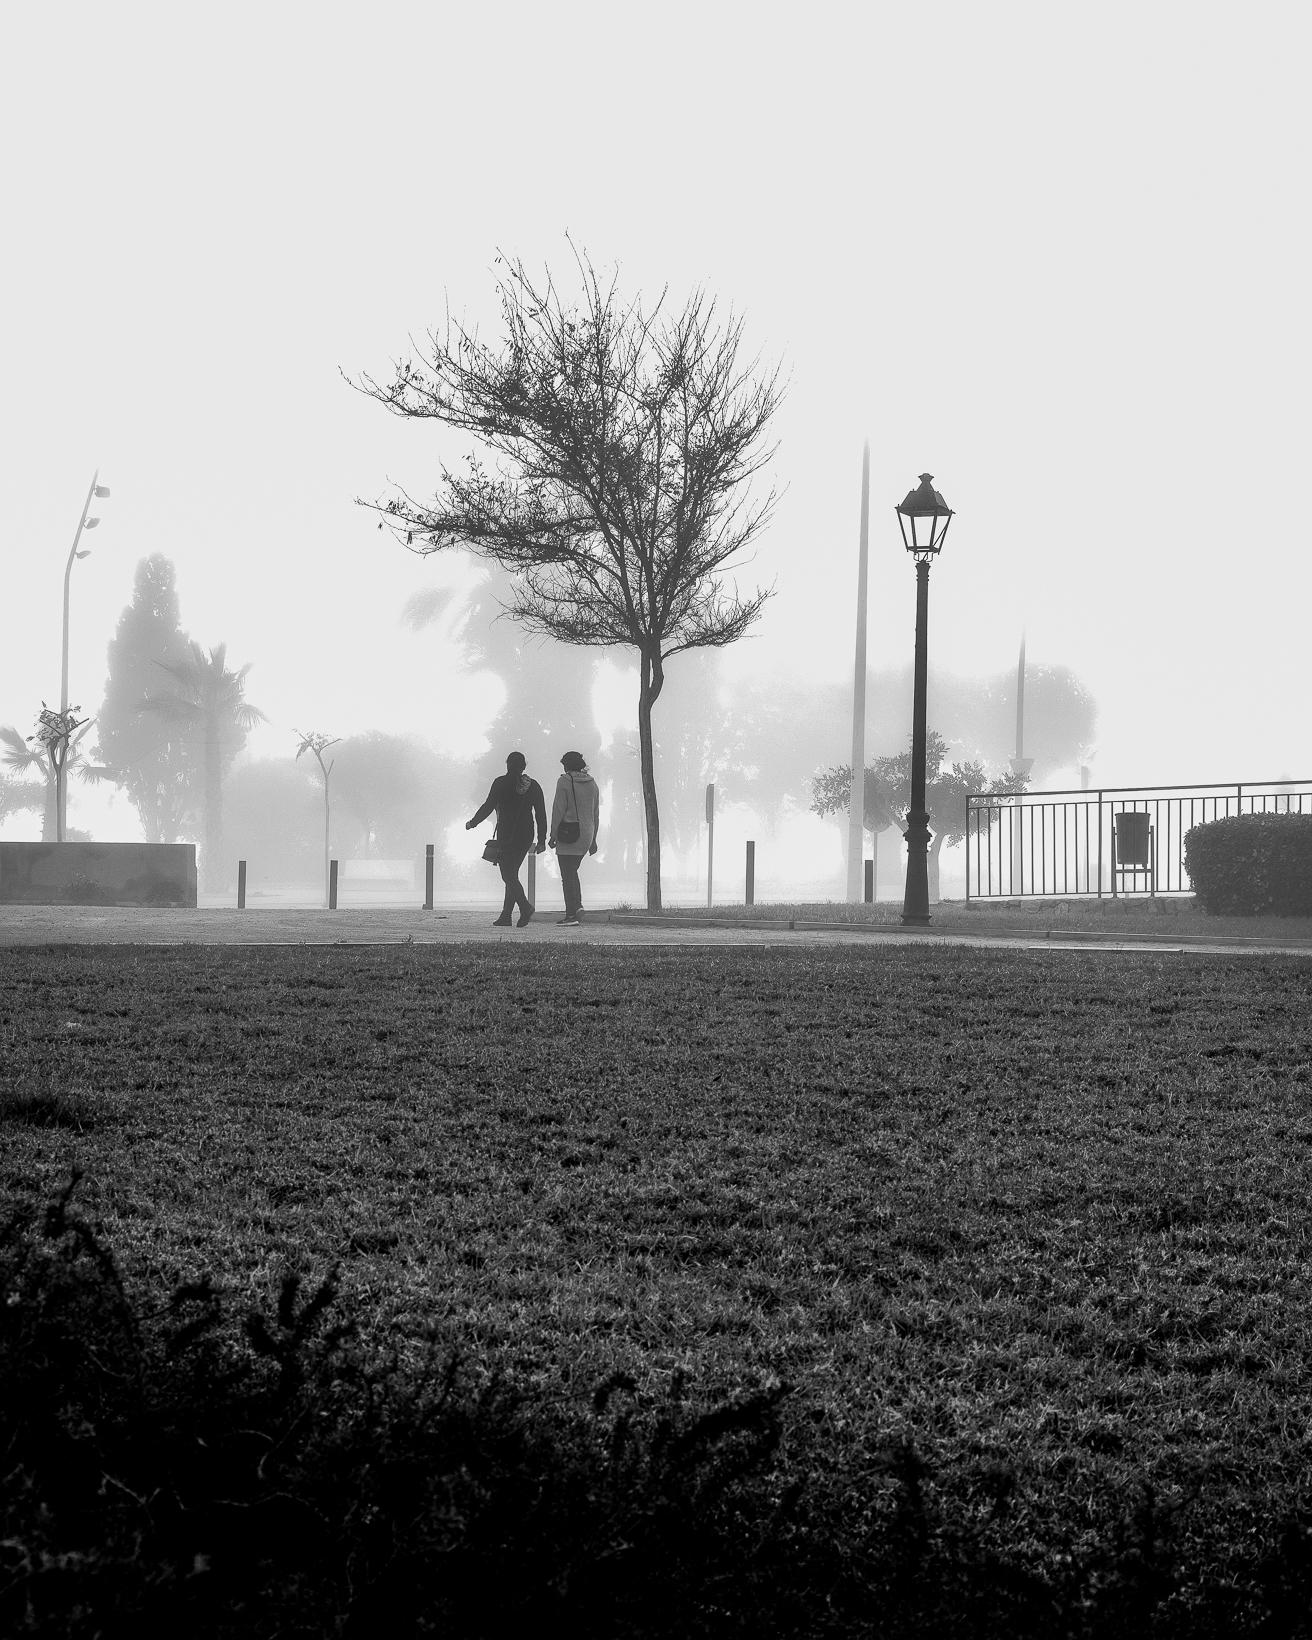 Elles caminen soles.